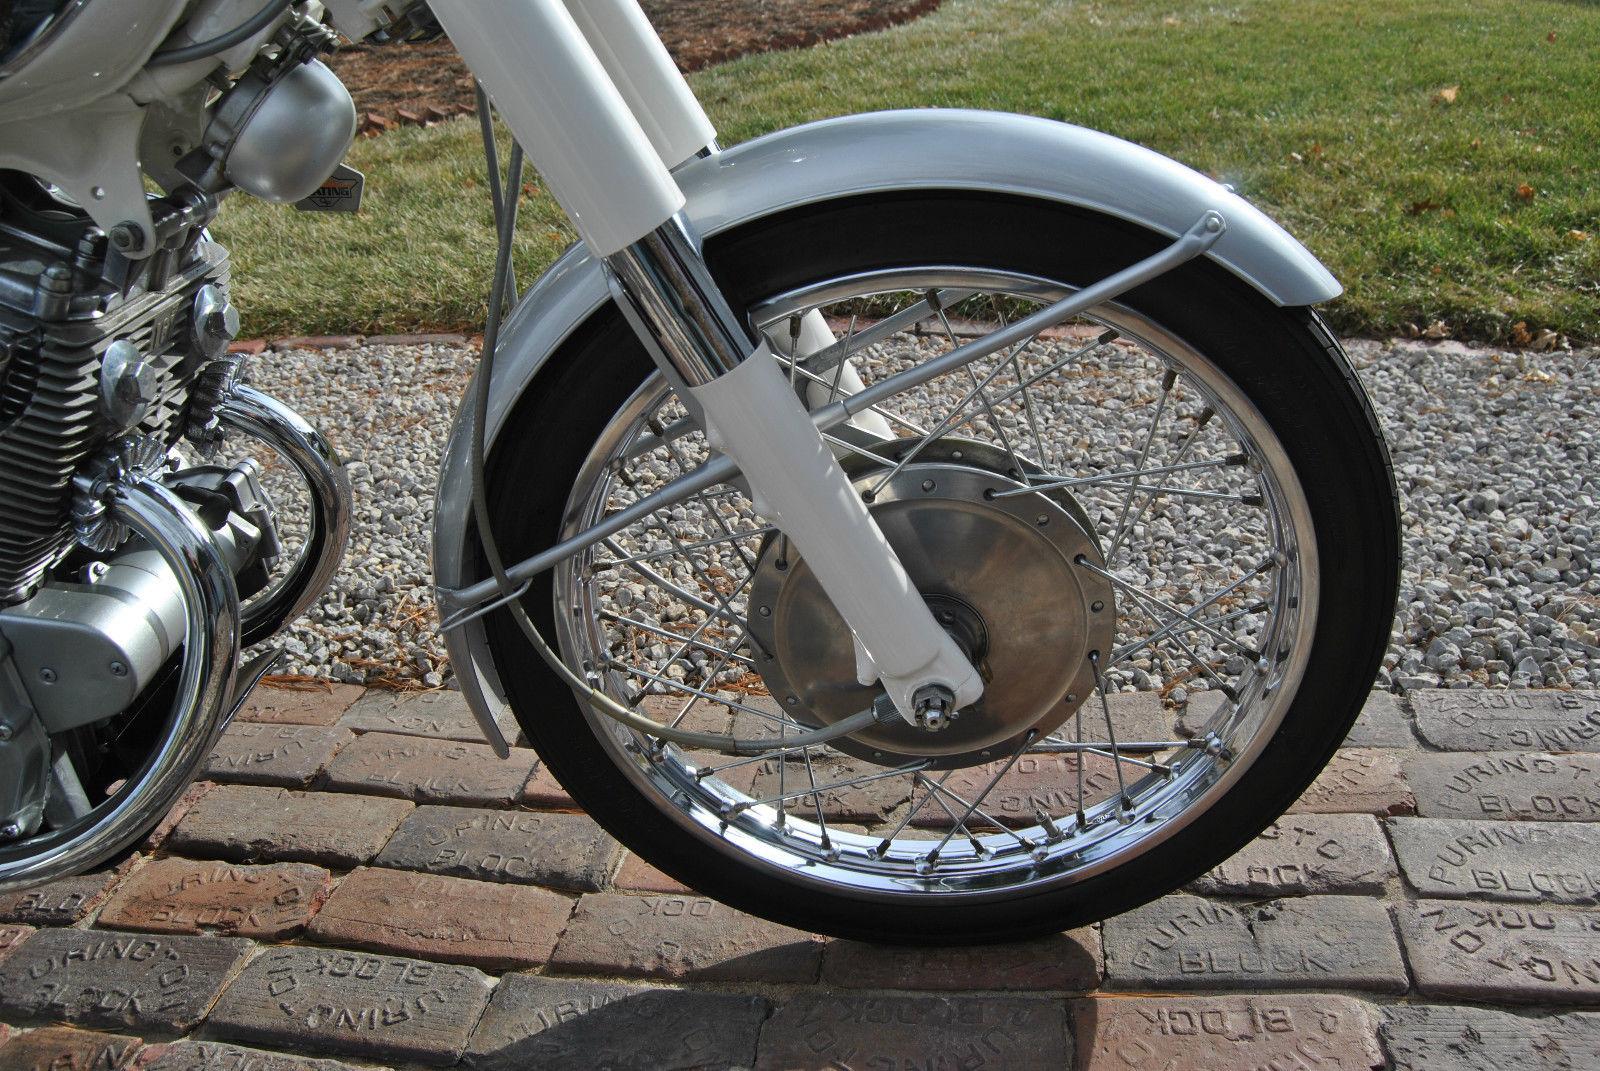 Honda CB160 Sport - 1969 - Forks, Front Wheel Hub and Fender.